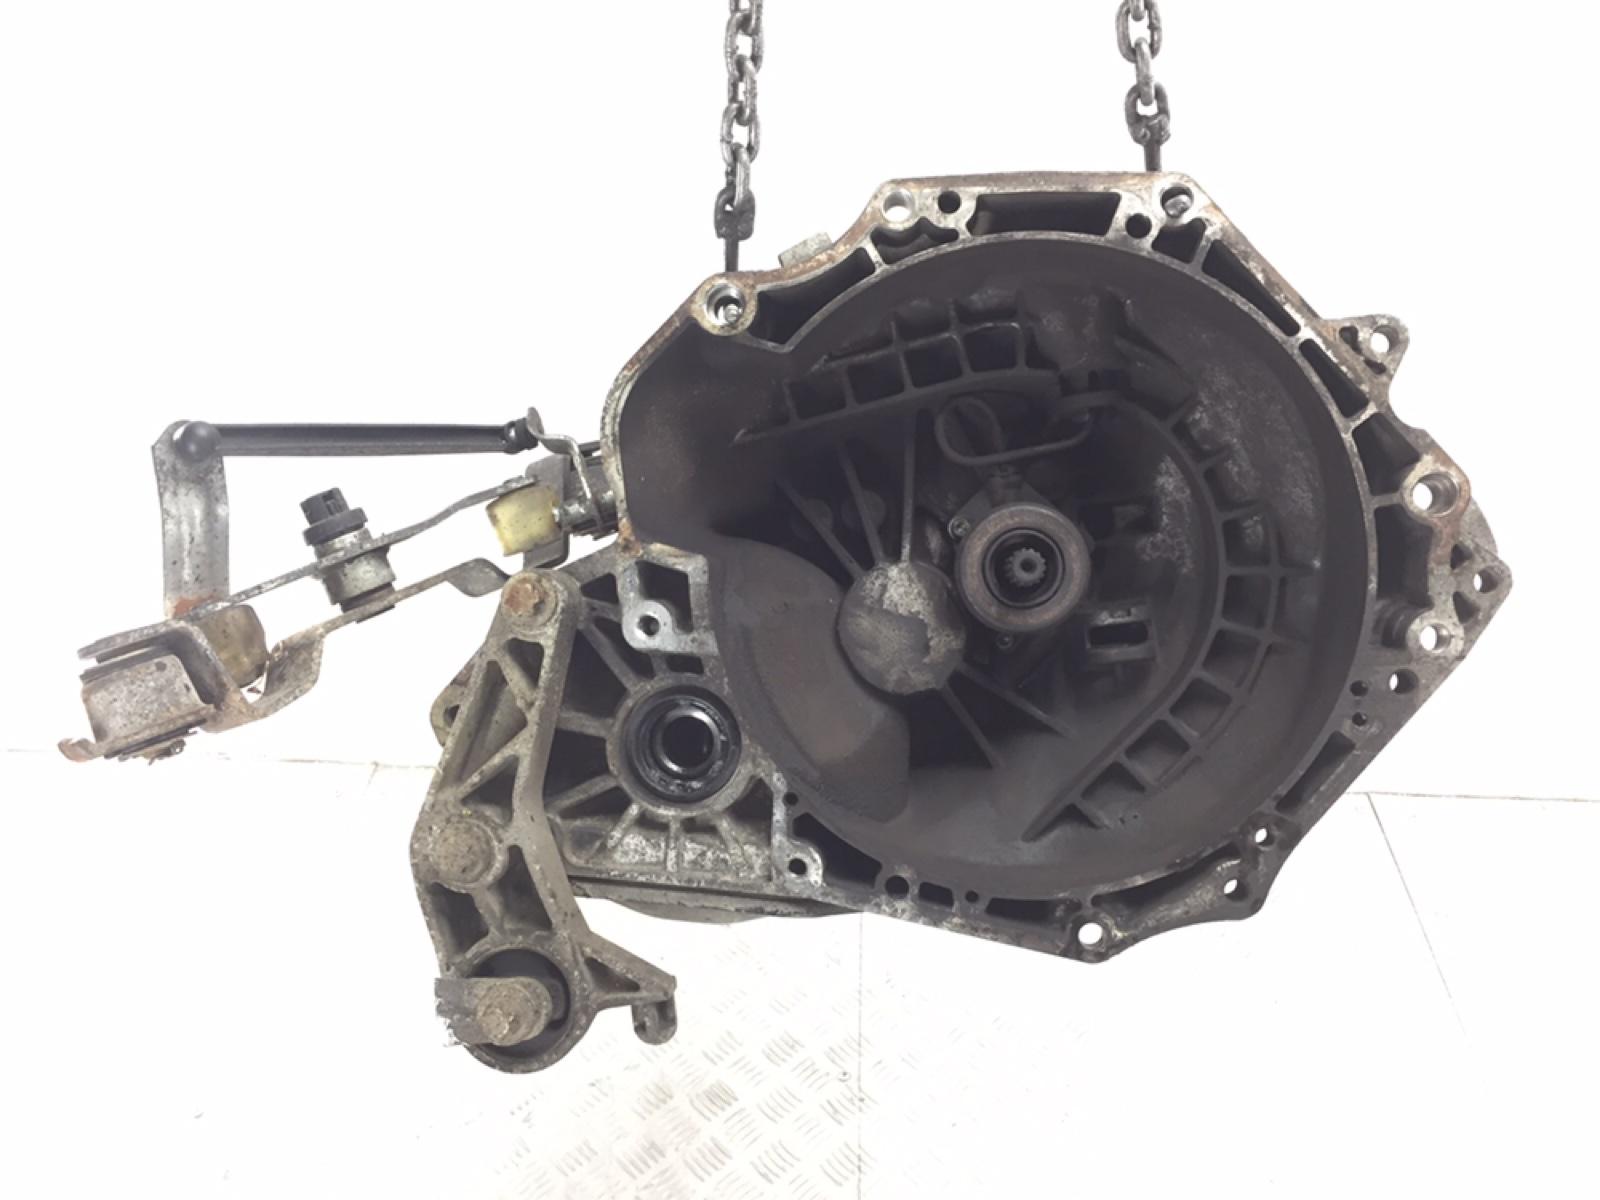 Кпп механическая (мкпп) Opel Corsa C 1.2 I 2006 (б/у)